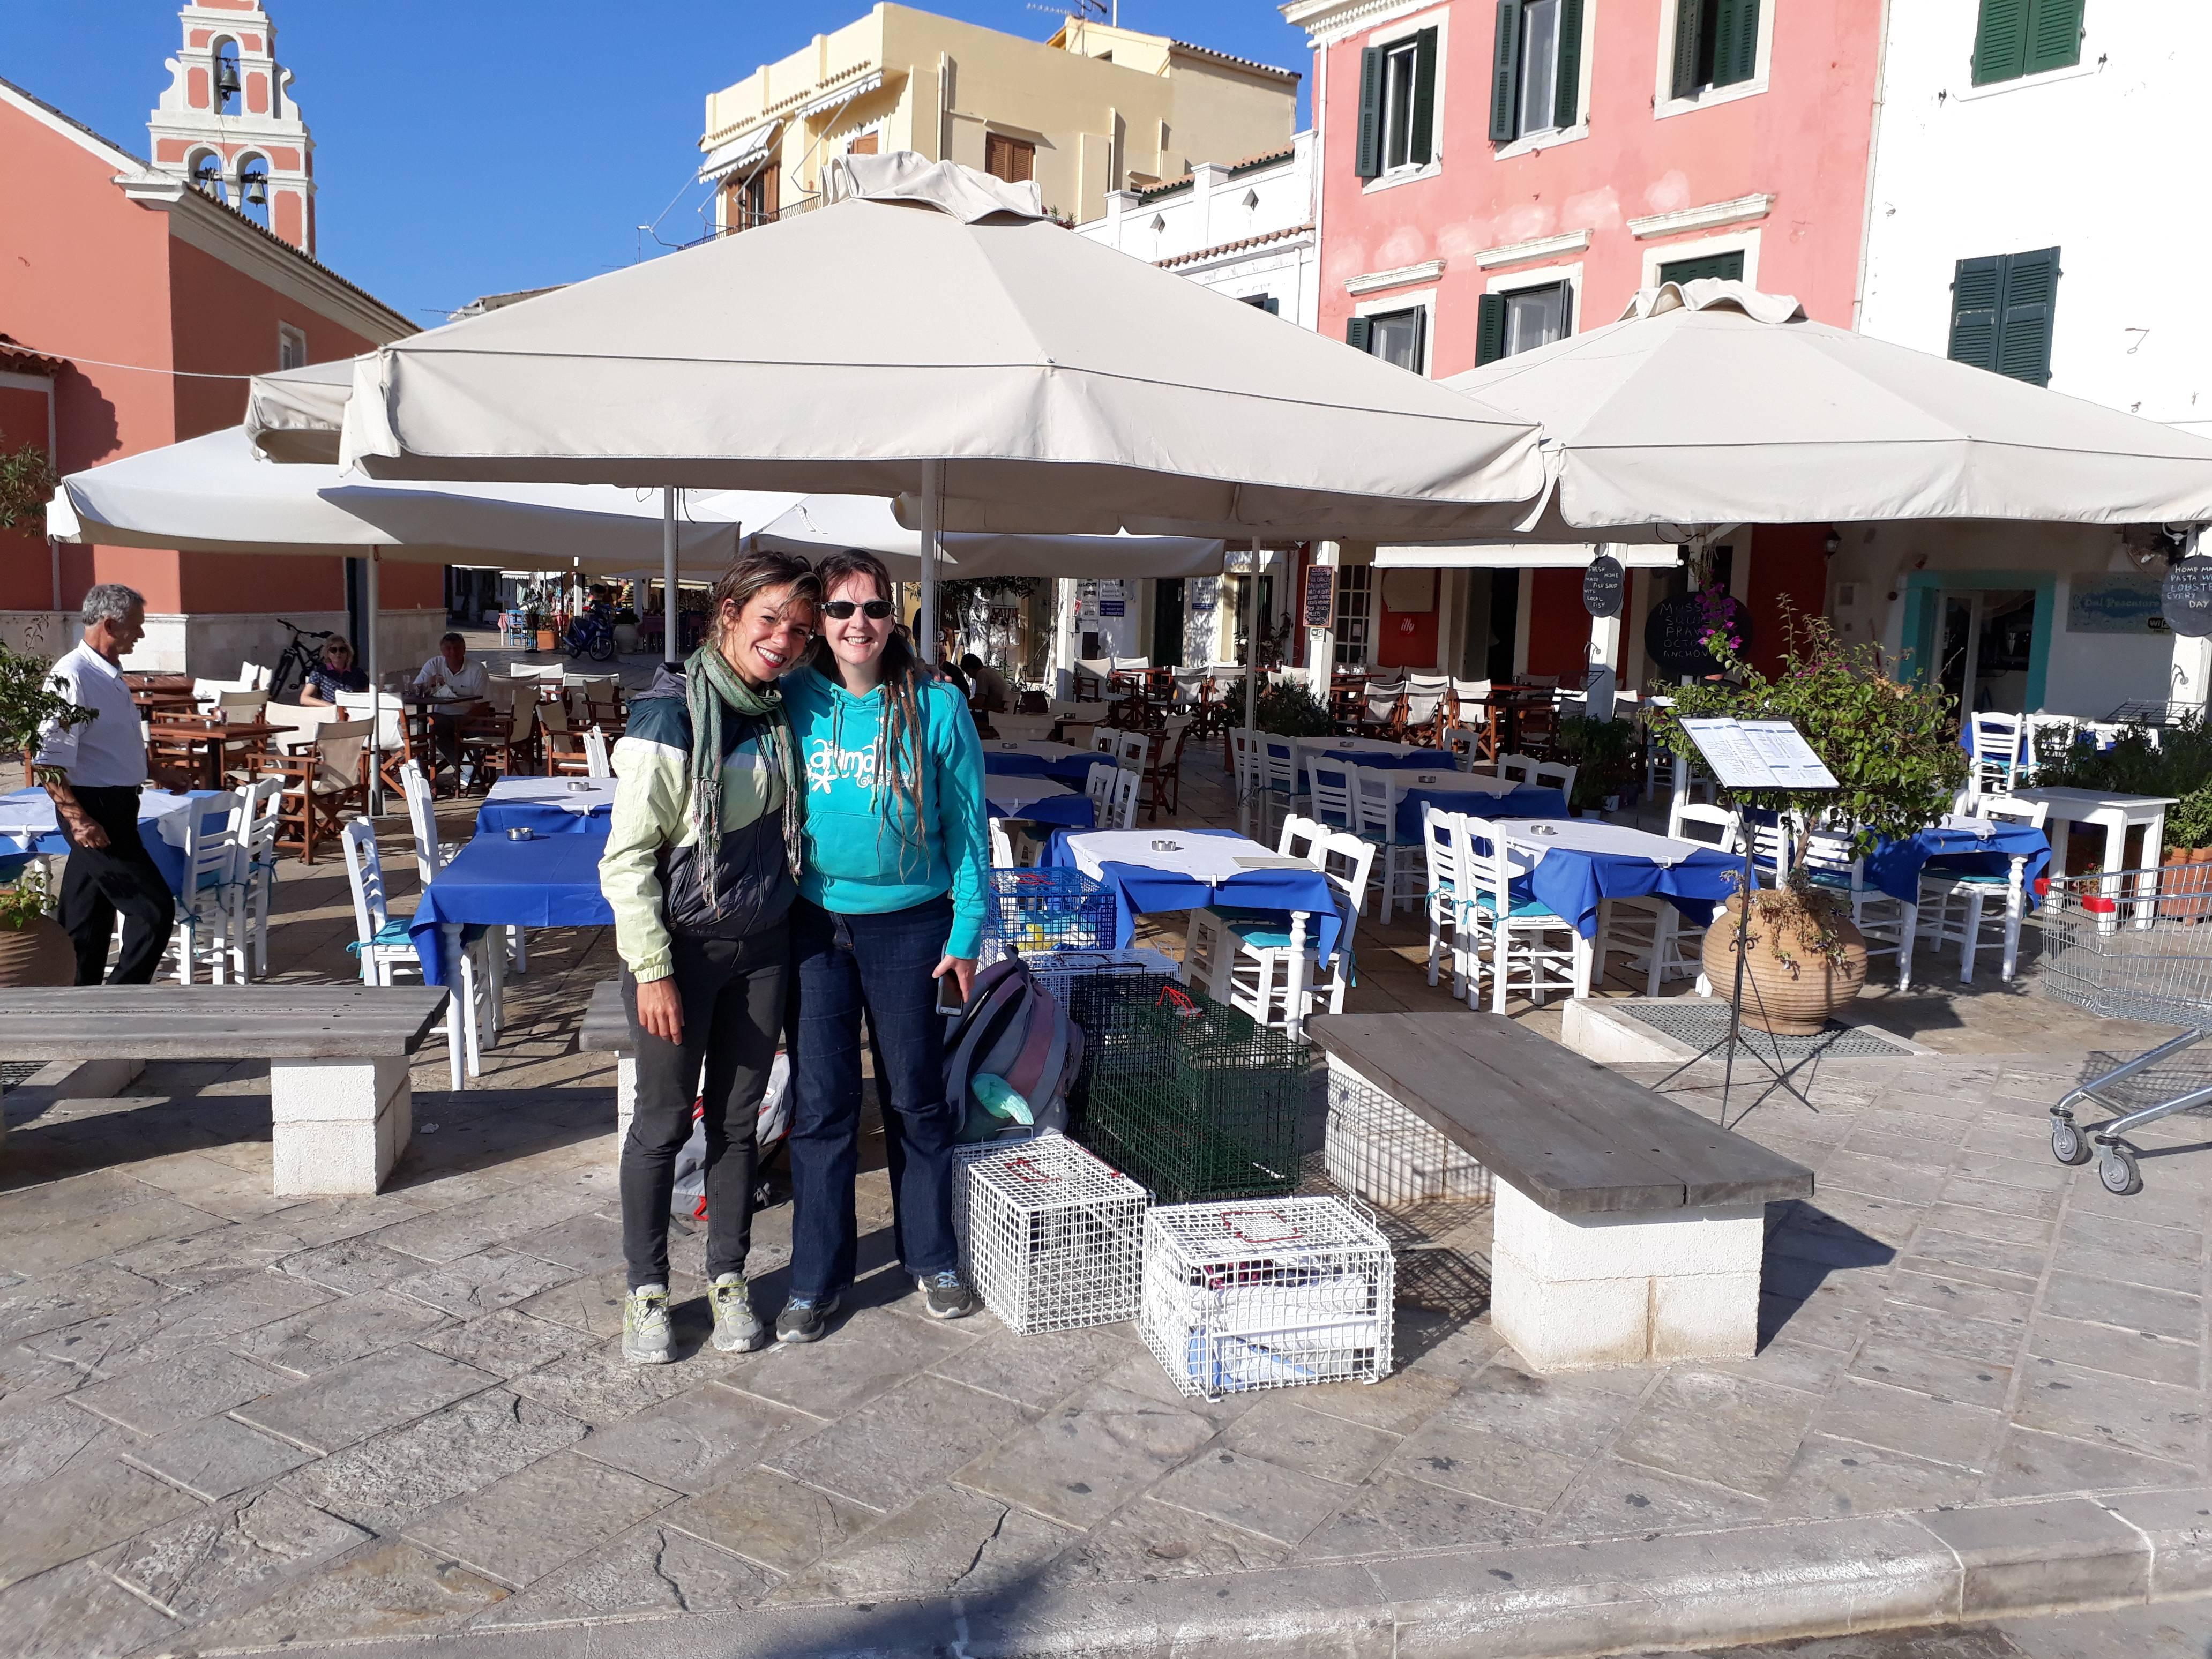 Nefeli & Heidi in Agrapidia